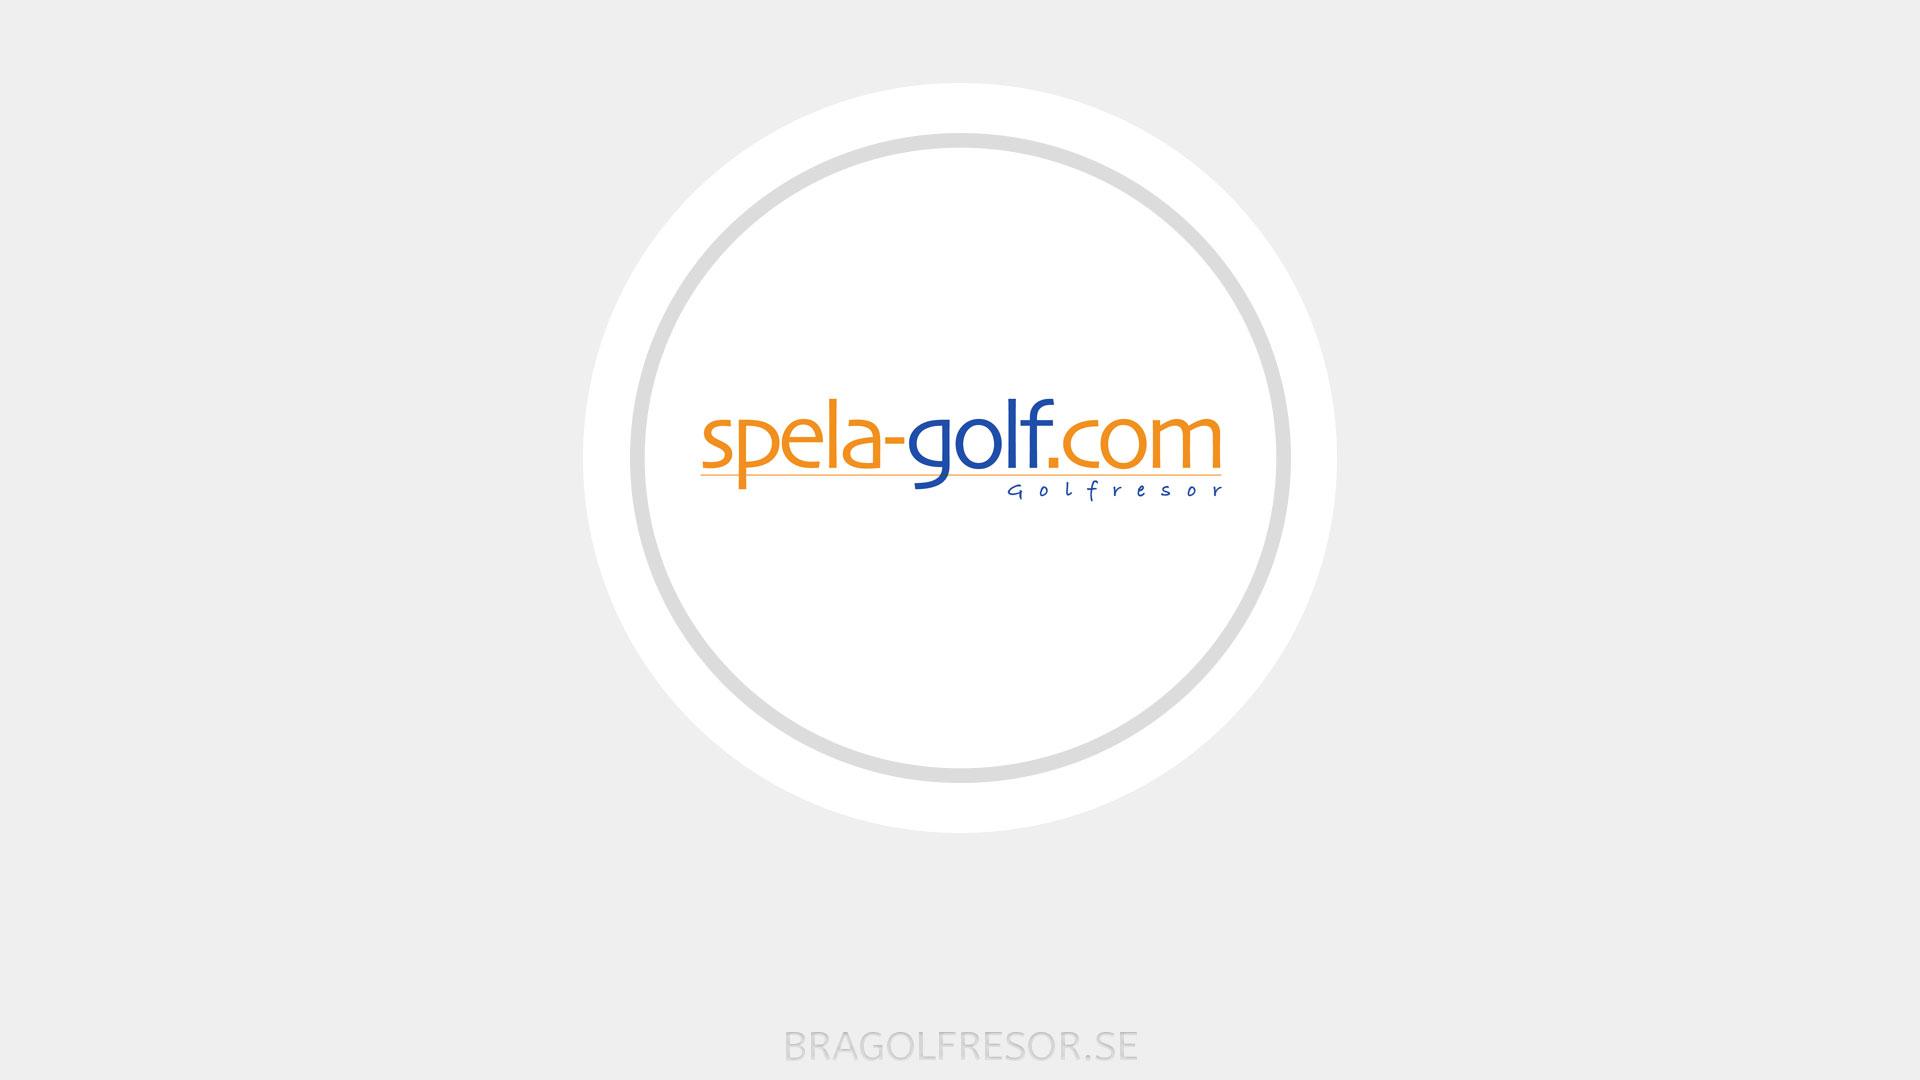 Spela-golf.com